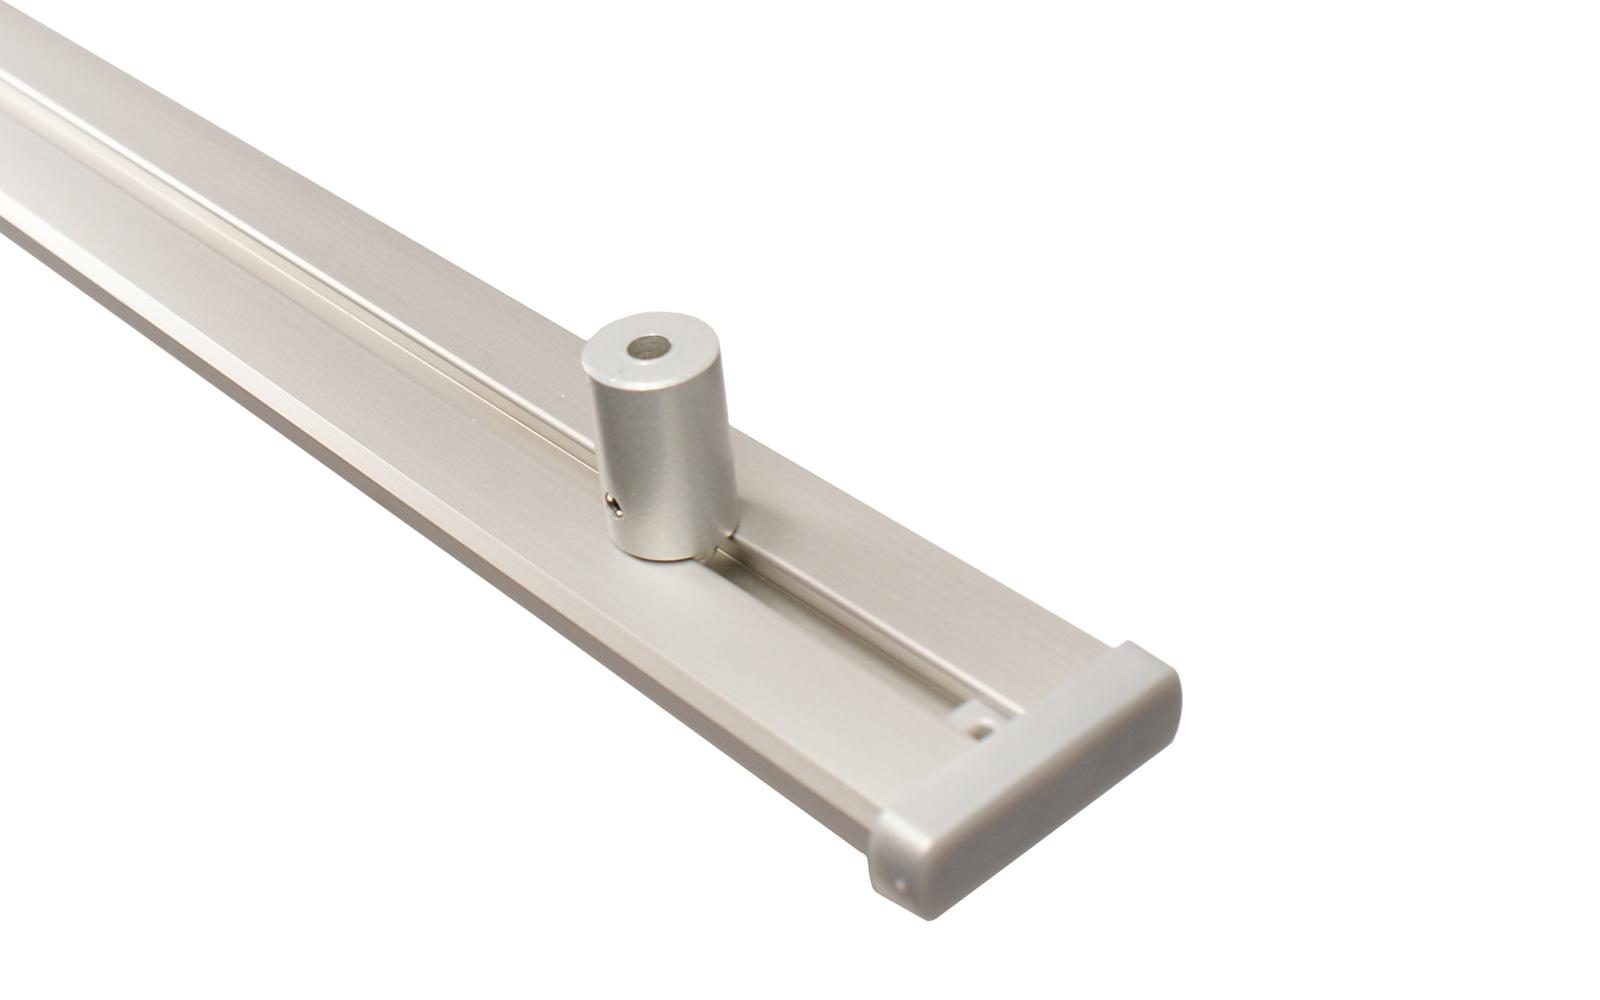 Erstaunlich 2 läufige Gardinenschiene aus Aluminium alu silber AX81